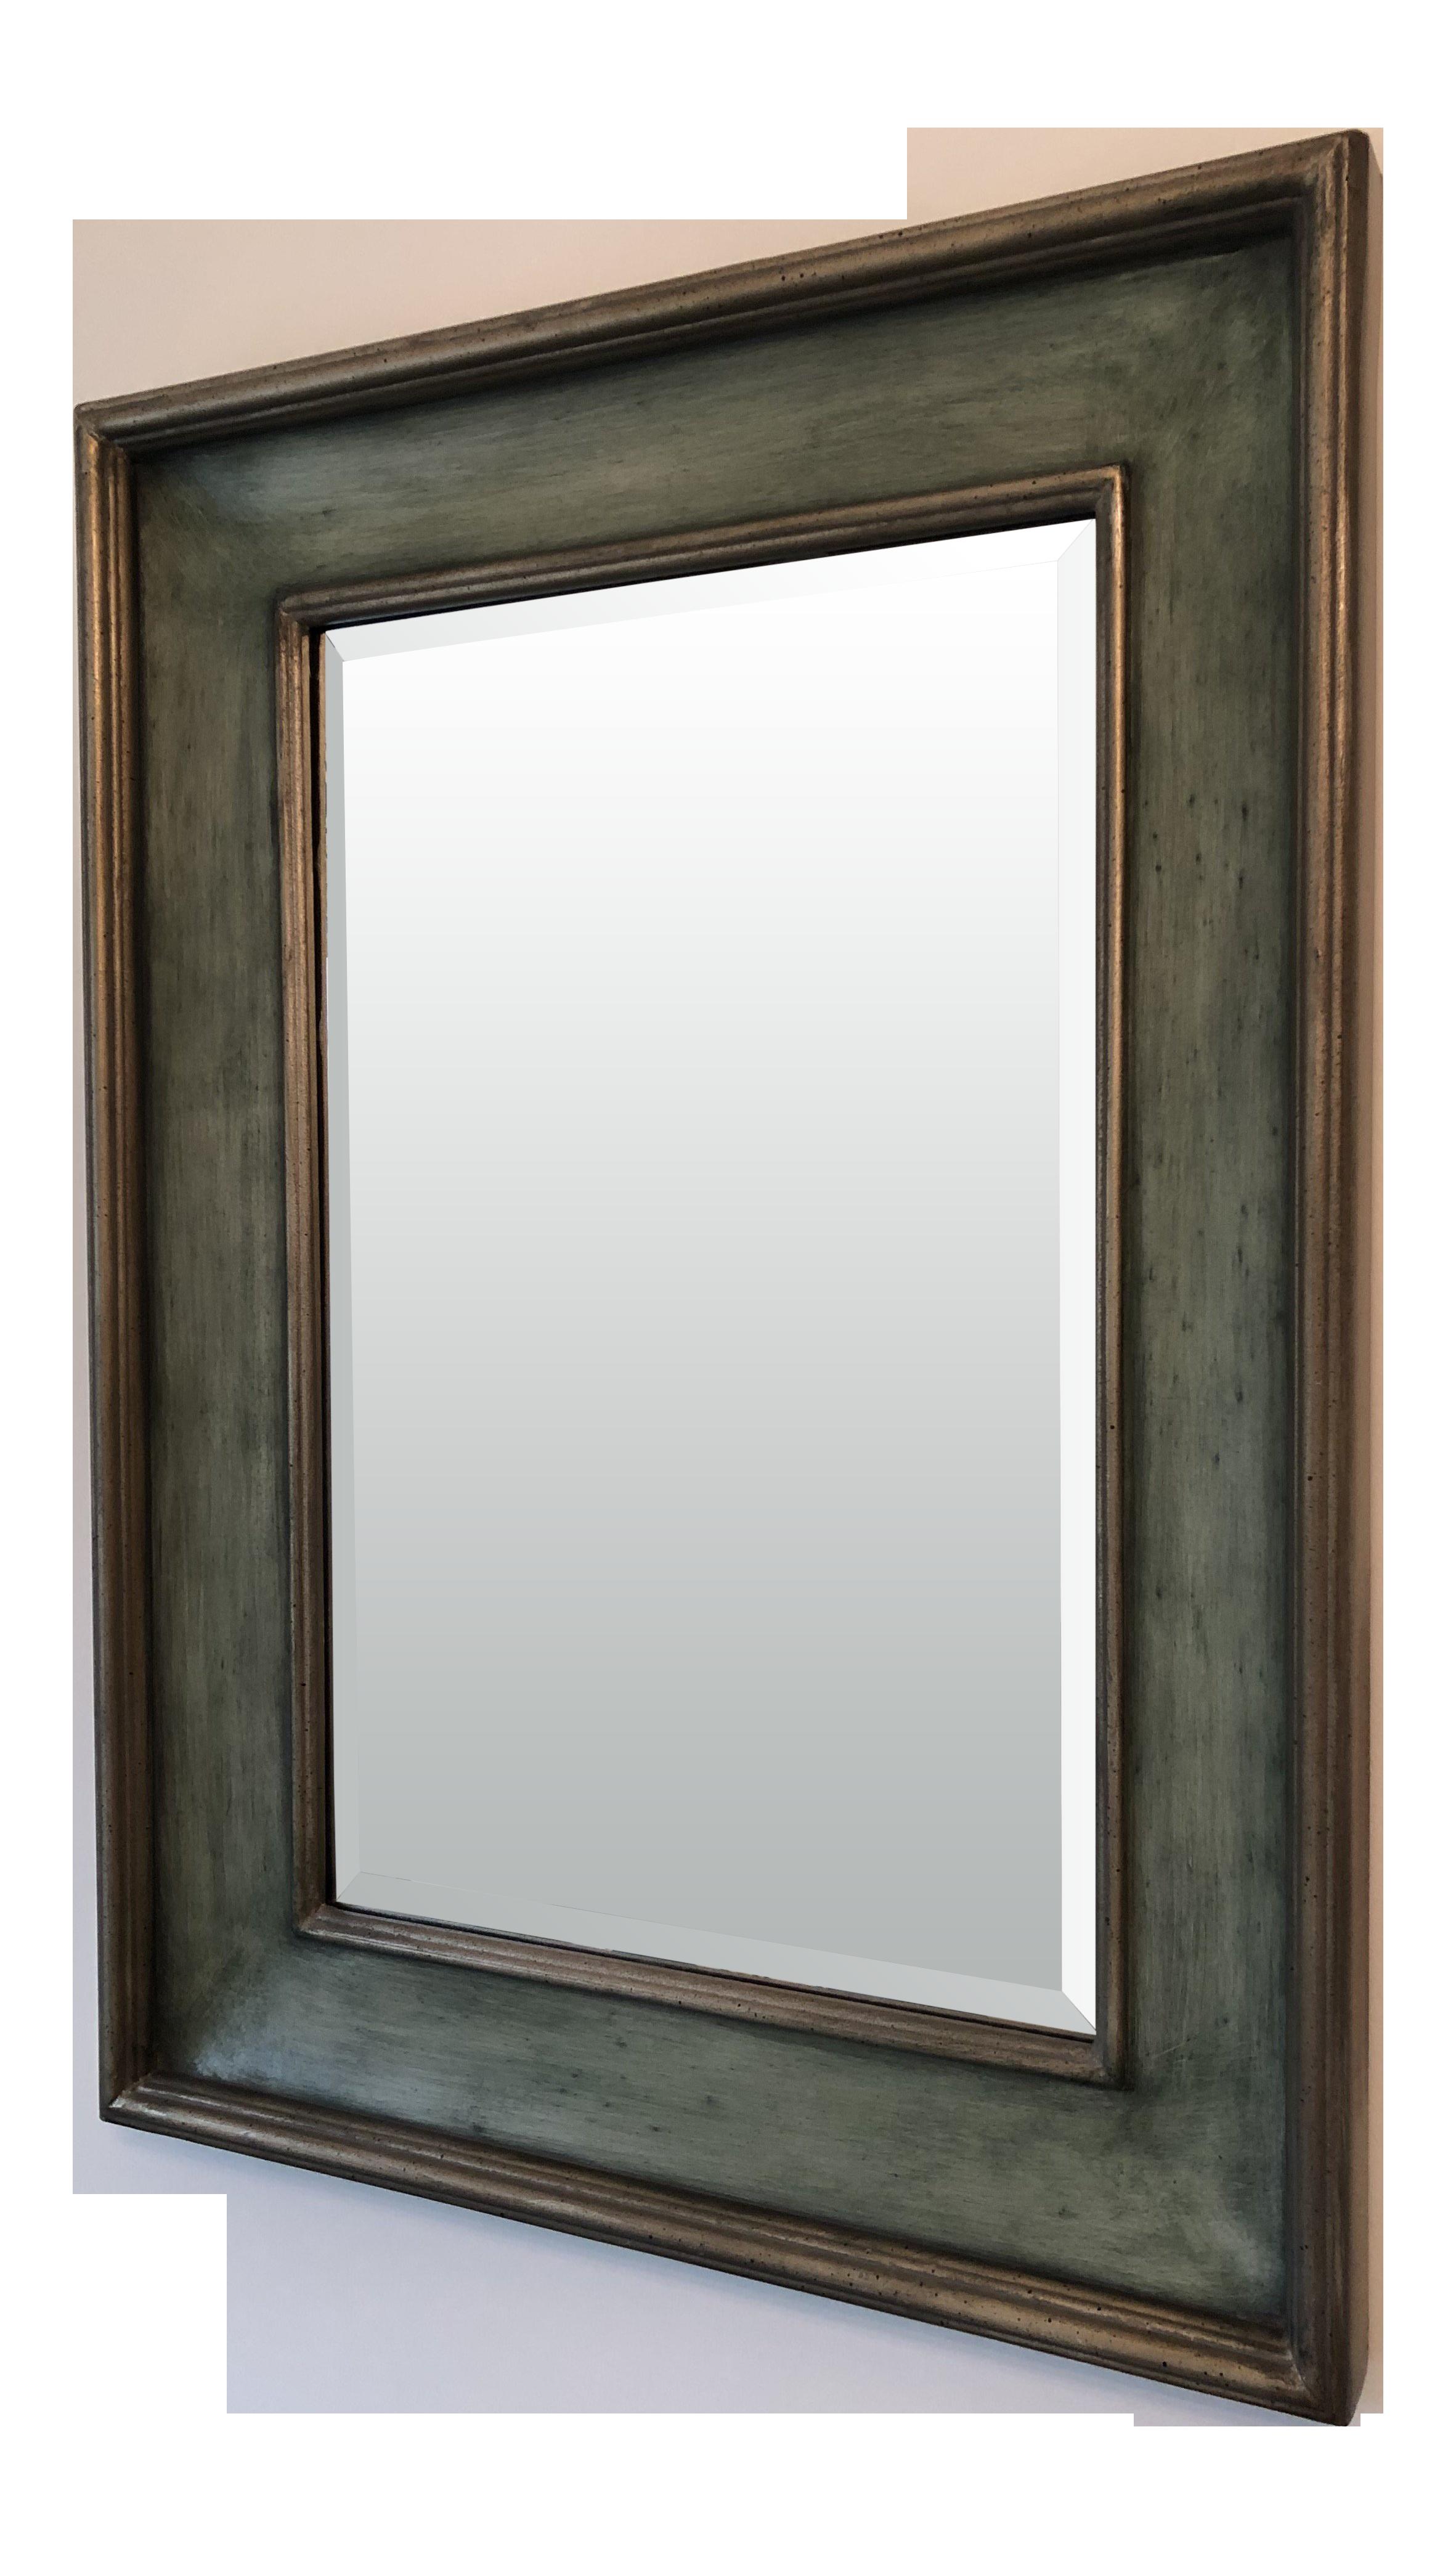 ballard designs ogden wall mirror | chairish